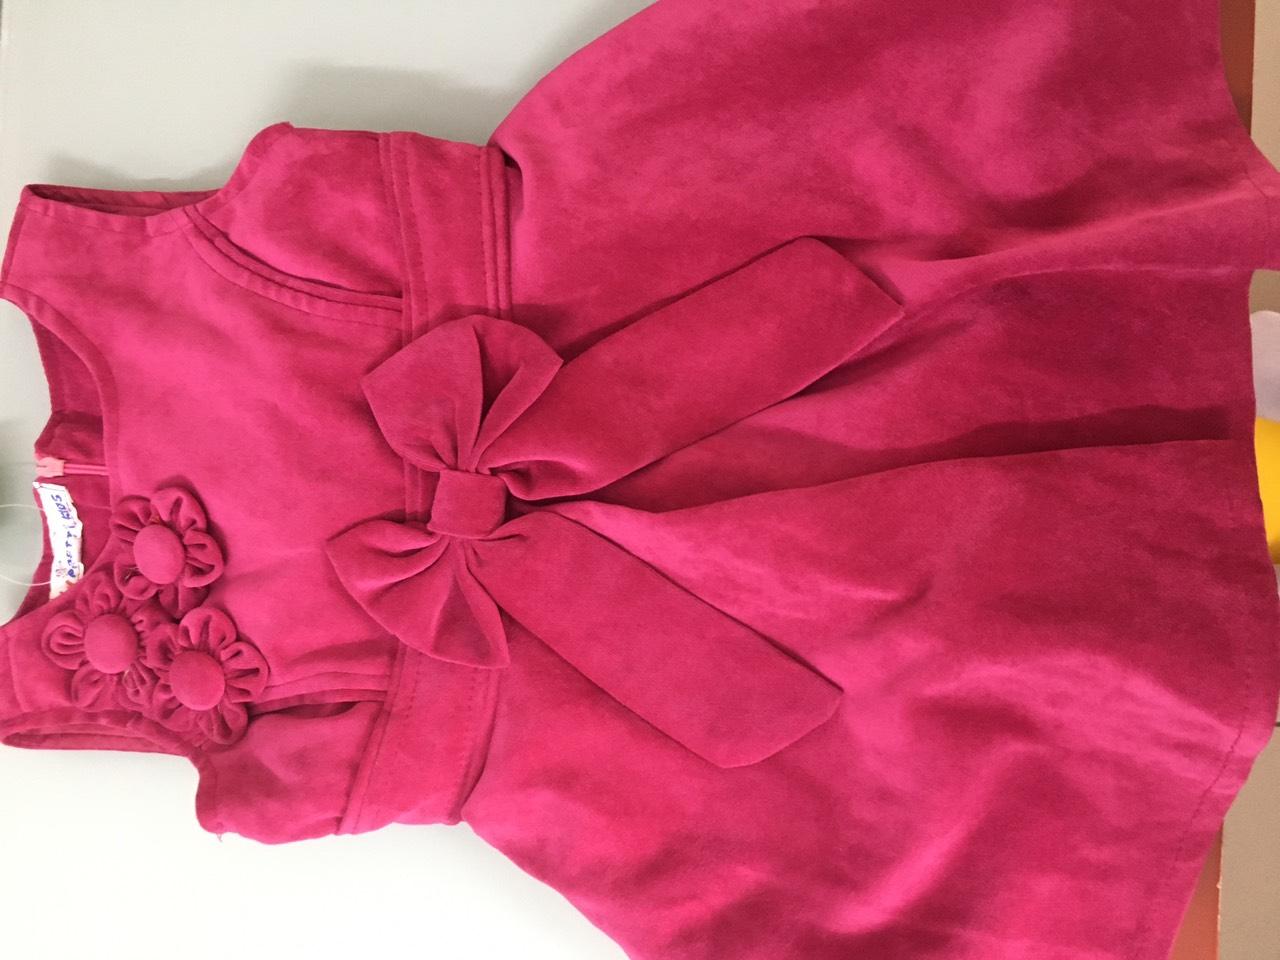 váy hồng nhung bé gái.jpg